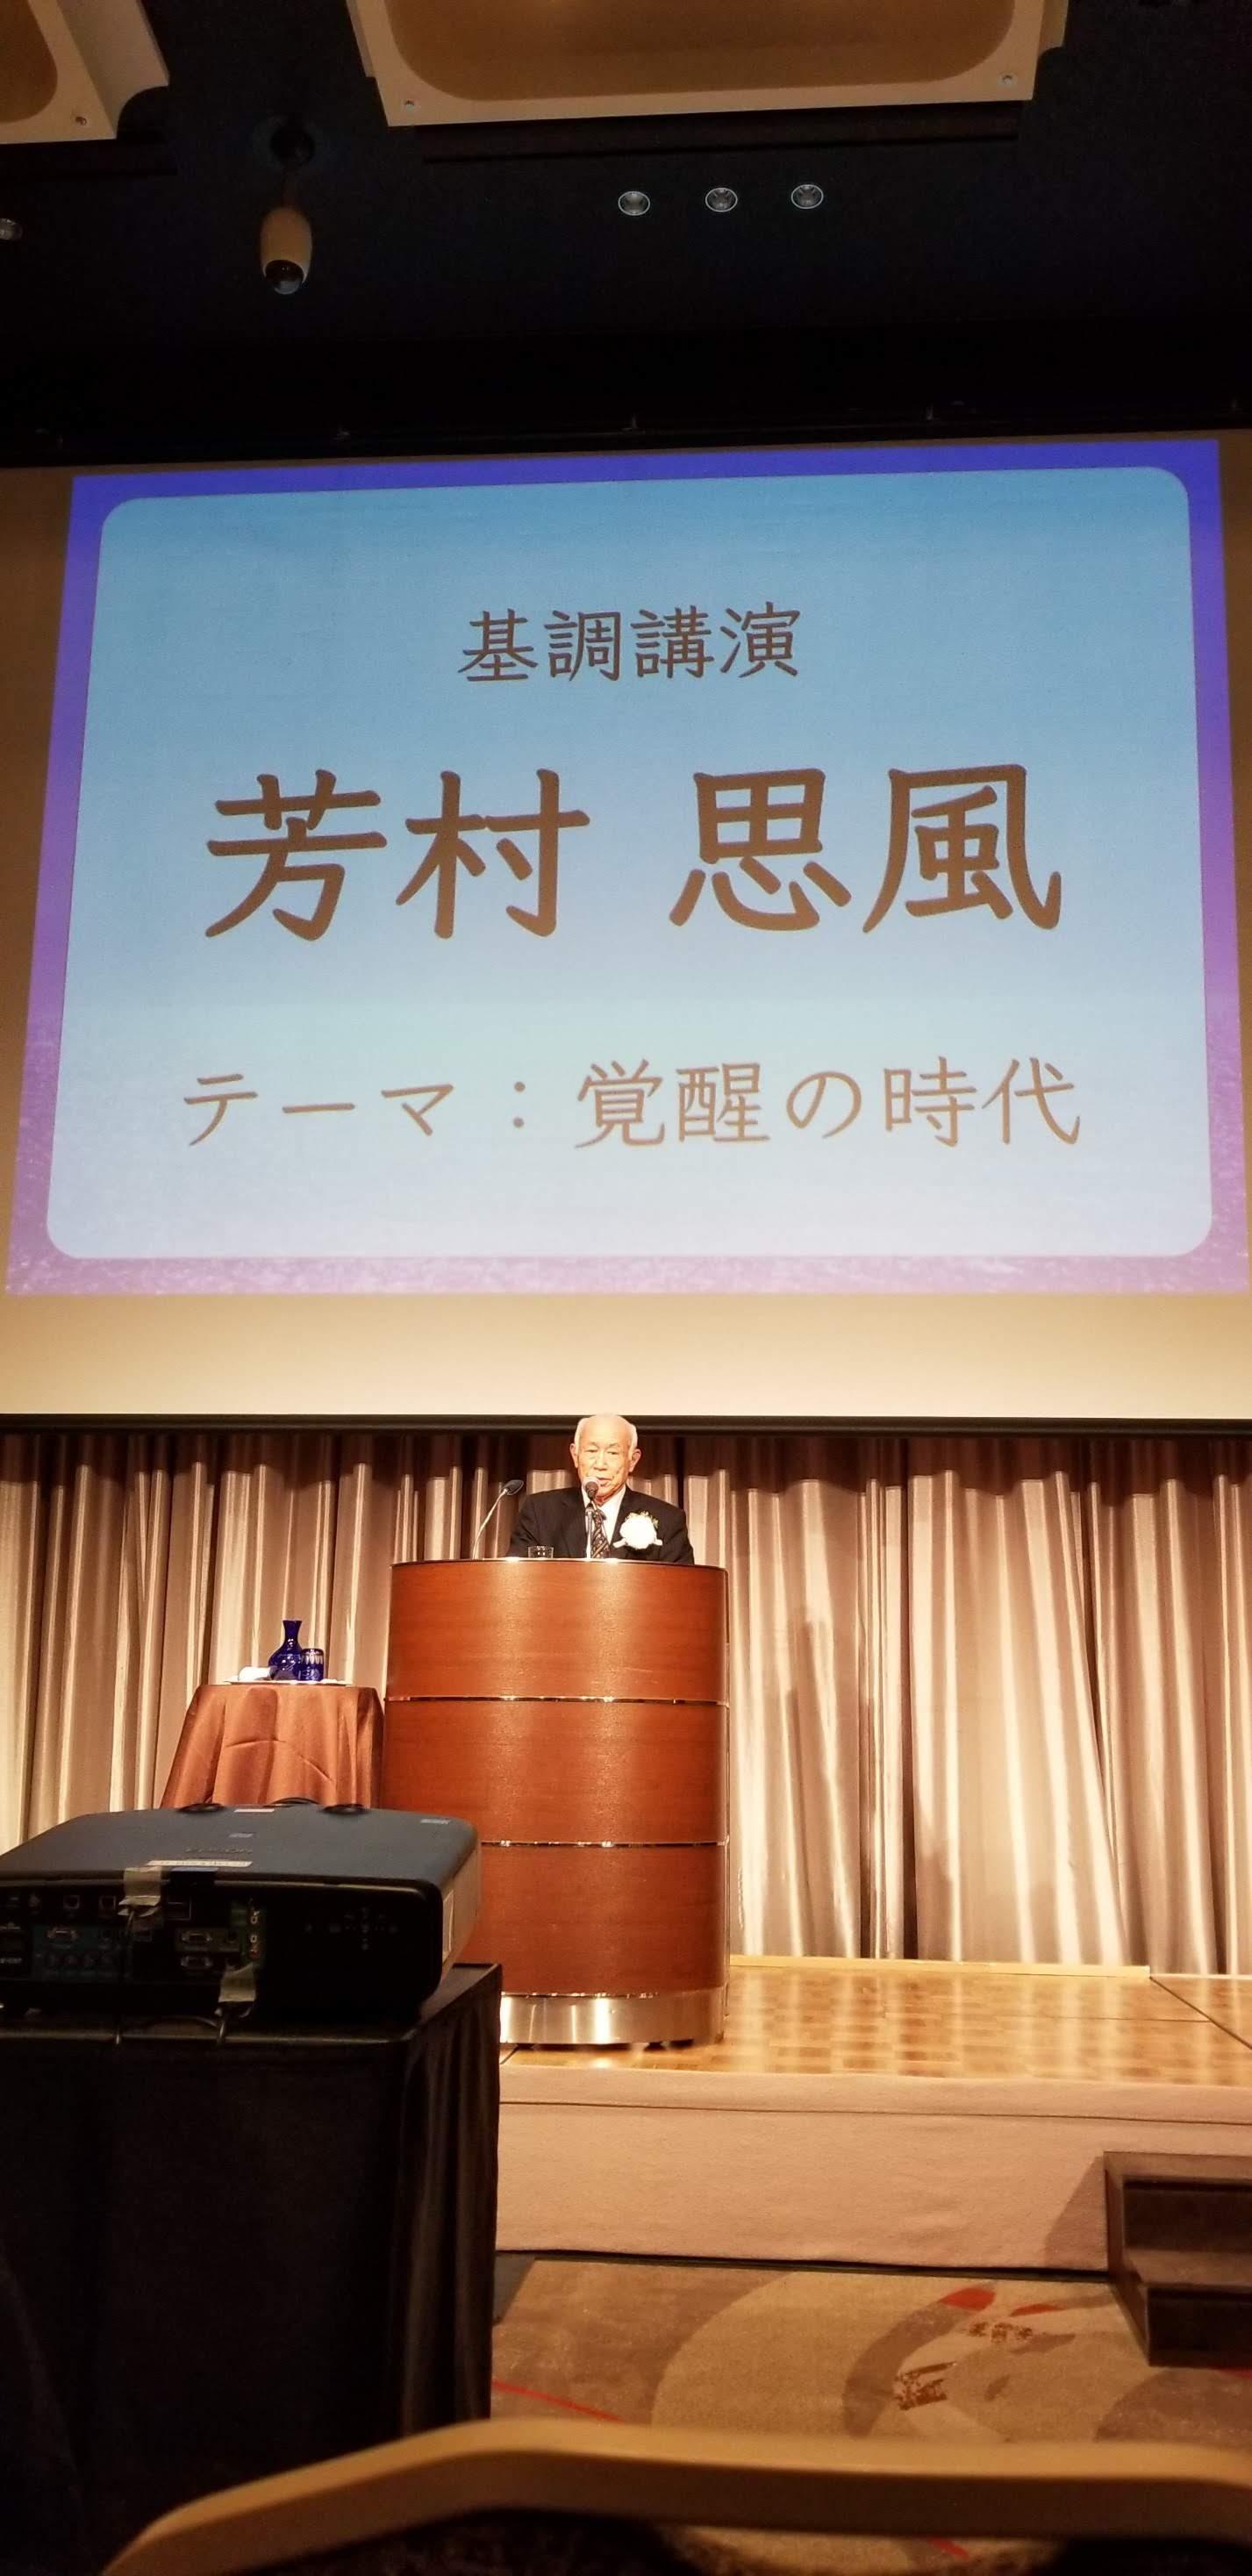 3c2be024f2d75b187a9c7162d65a7c7c 1 - 思風会全国大会in広島